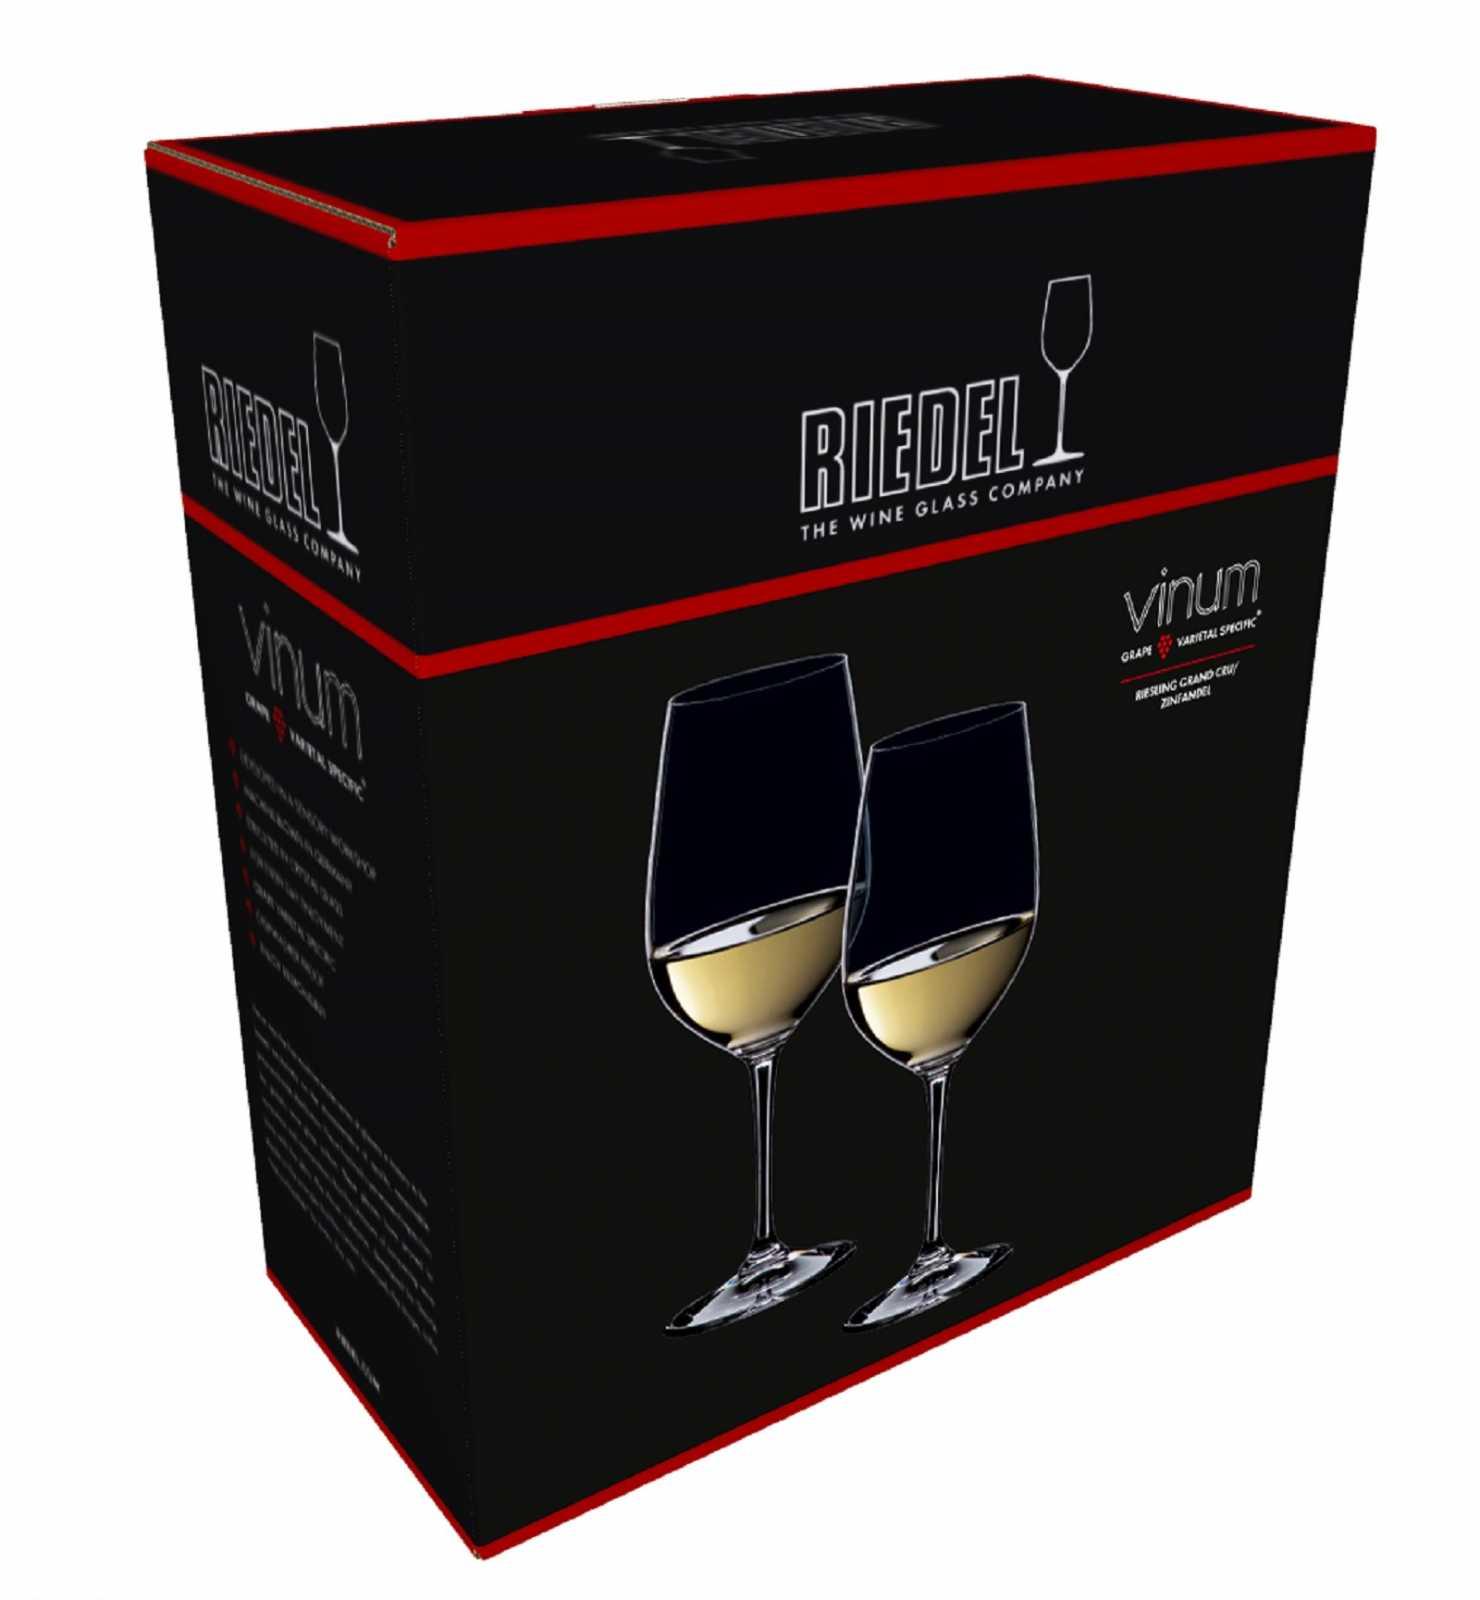 Набор бокалов для вина_Zinfandel/Riesling Riedel Vinum, объем 0,4 л, прозрачный, 2 штуки Riedel 6416/15 фото 4